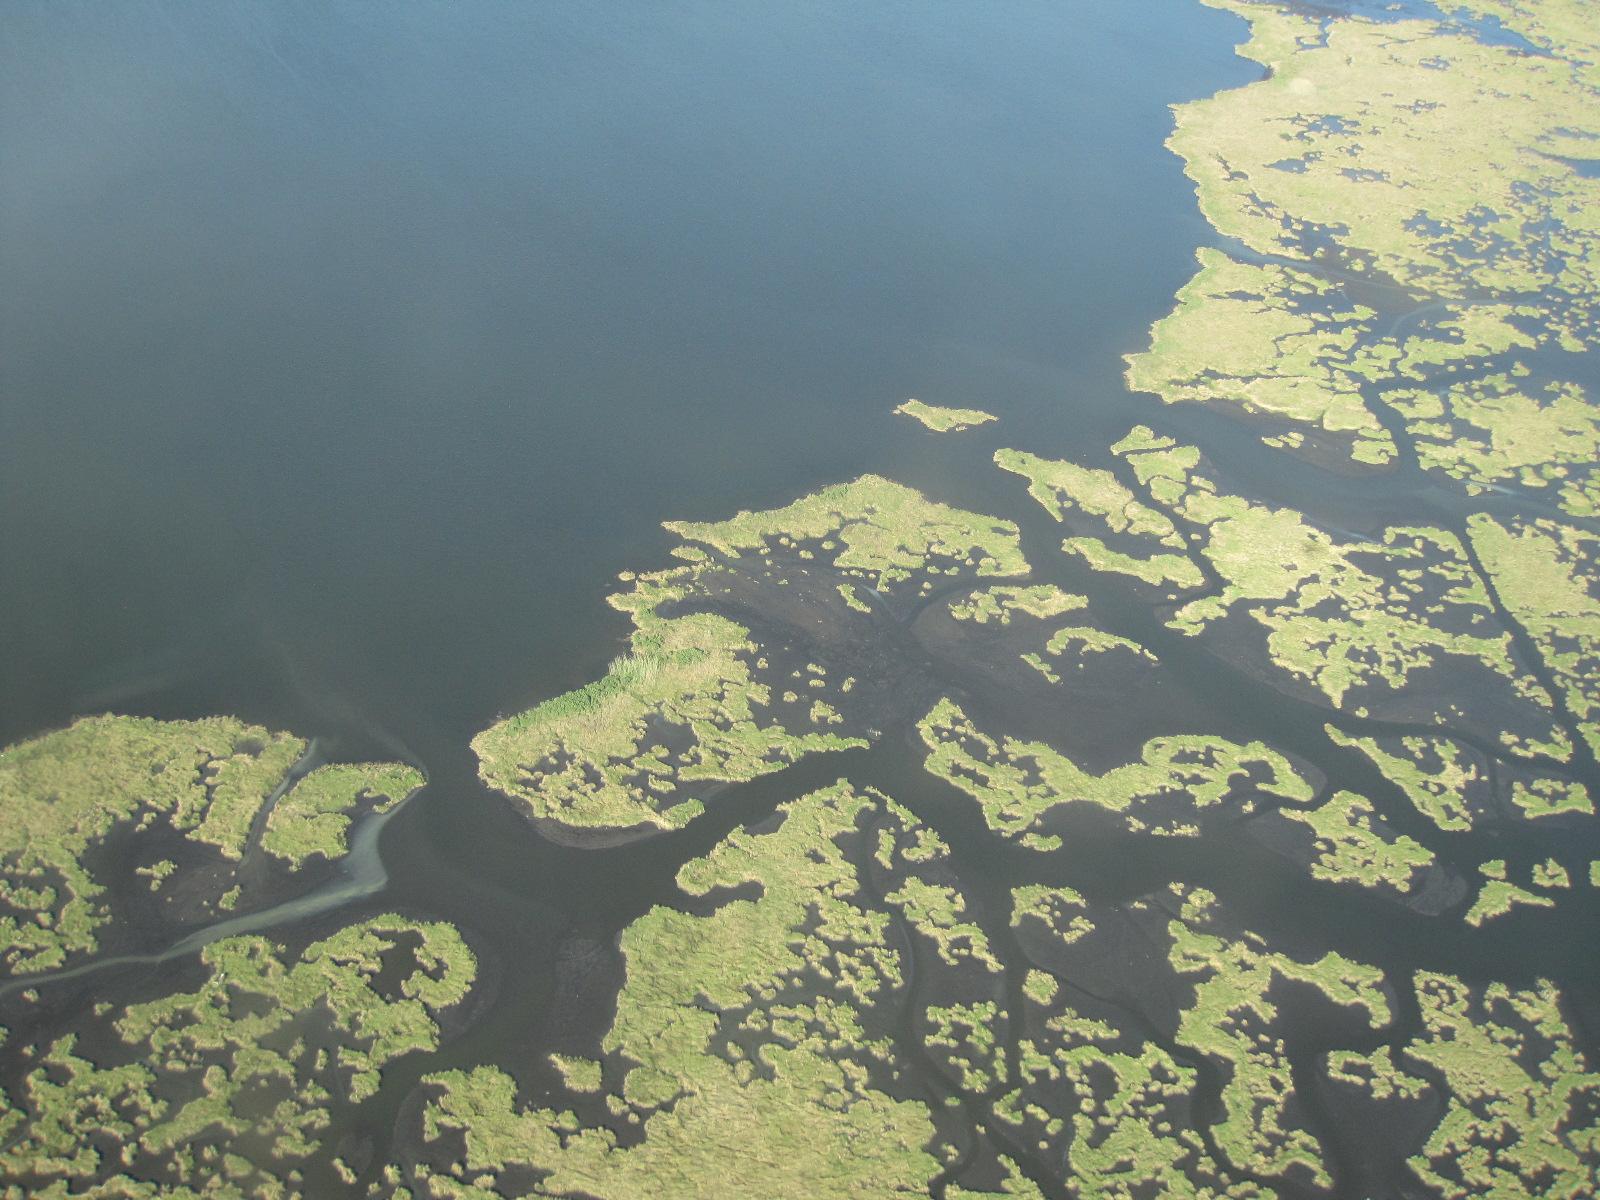 Gulf Coast wetlands oil spill